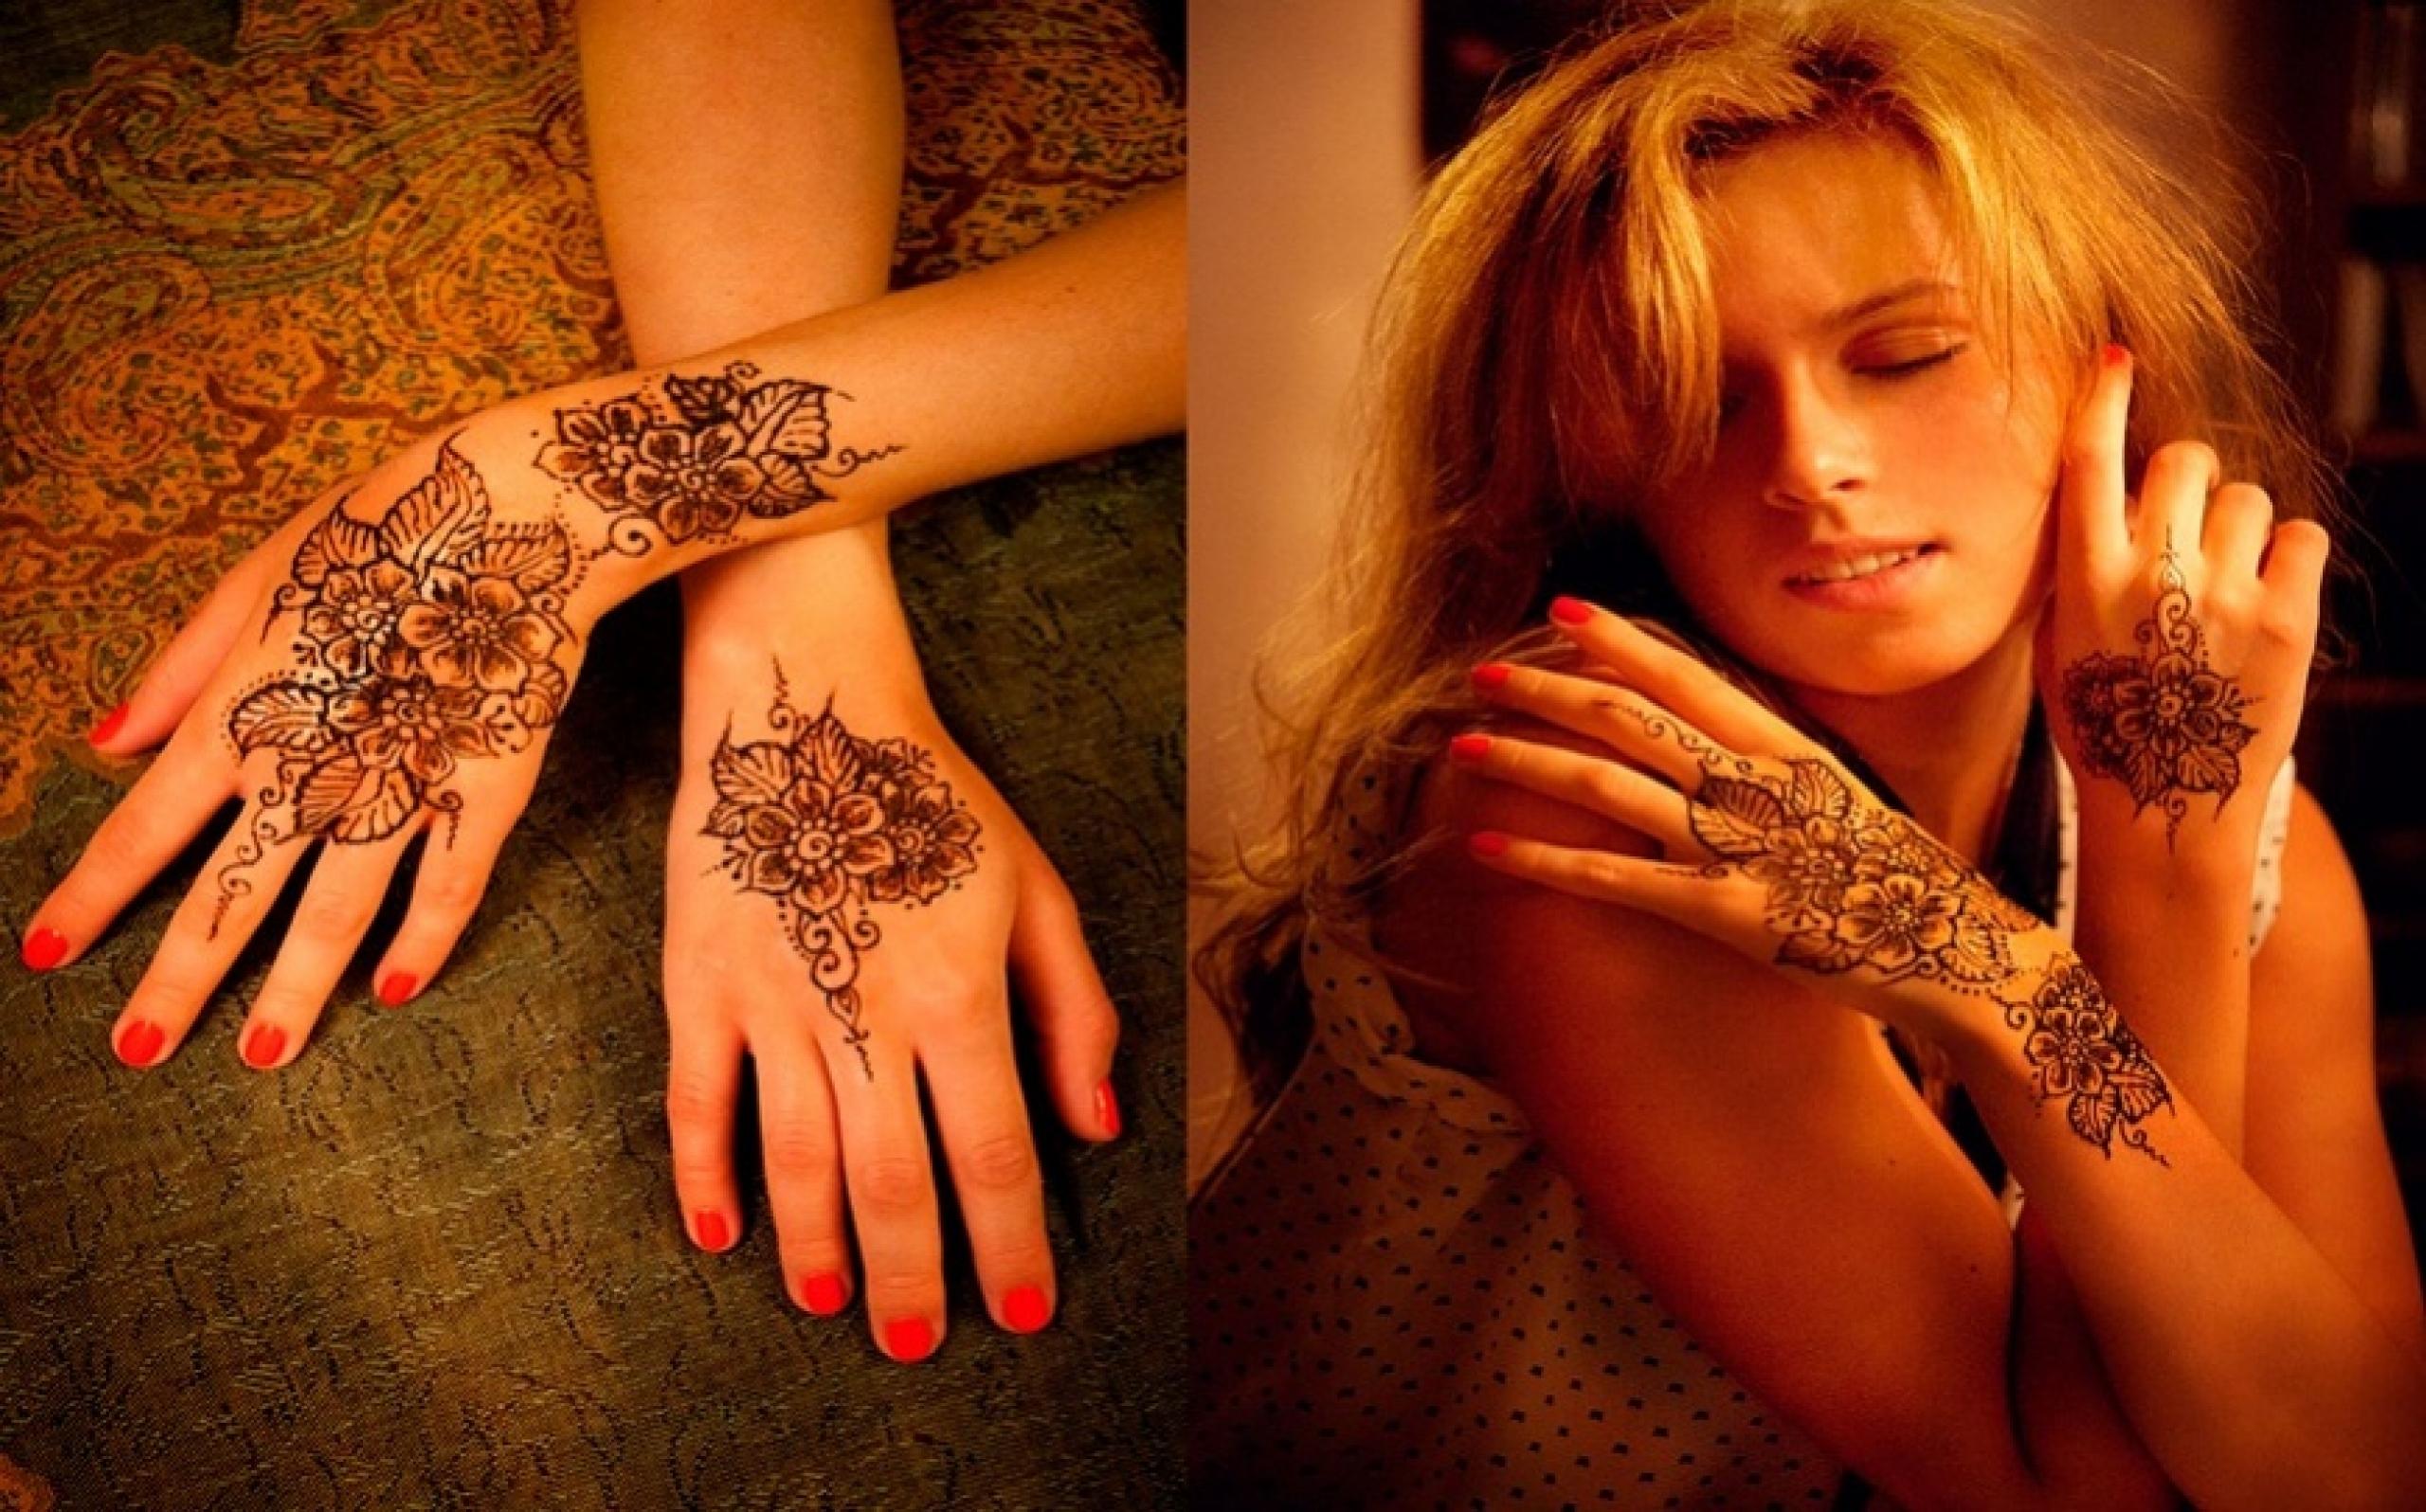 Татуировки для девушек на руке: фото, картинки, эскизы 36